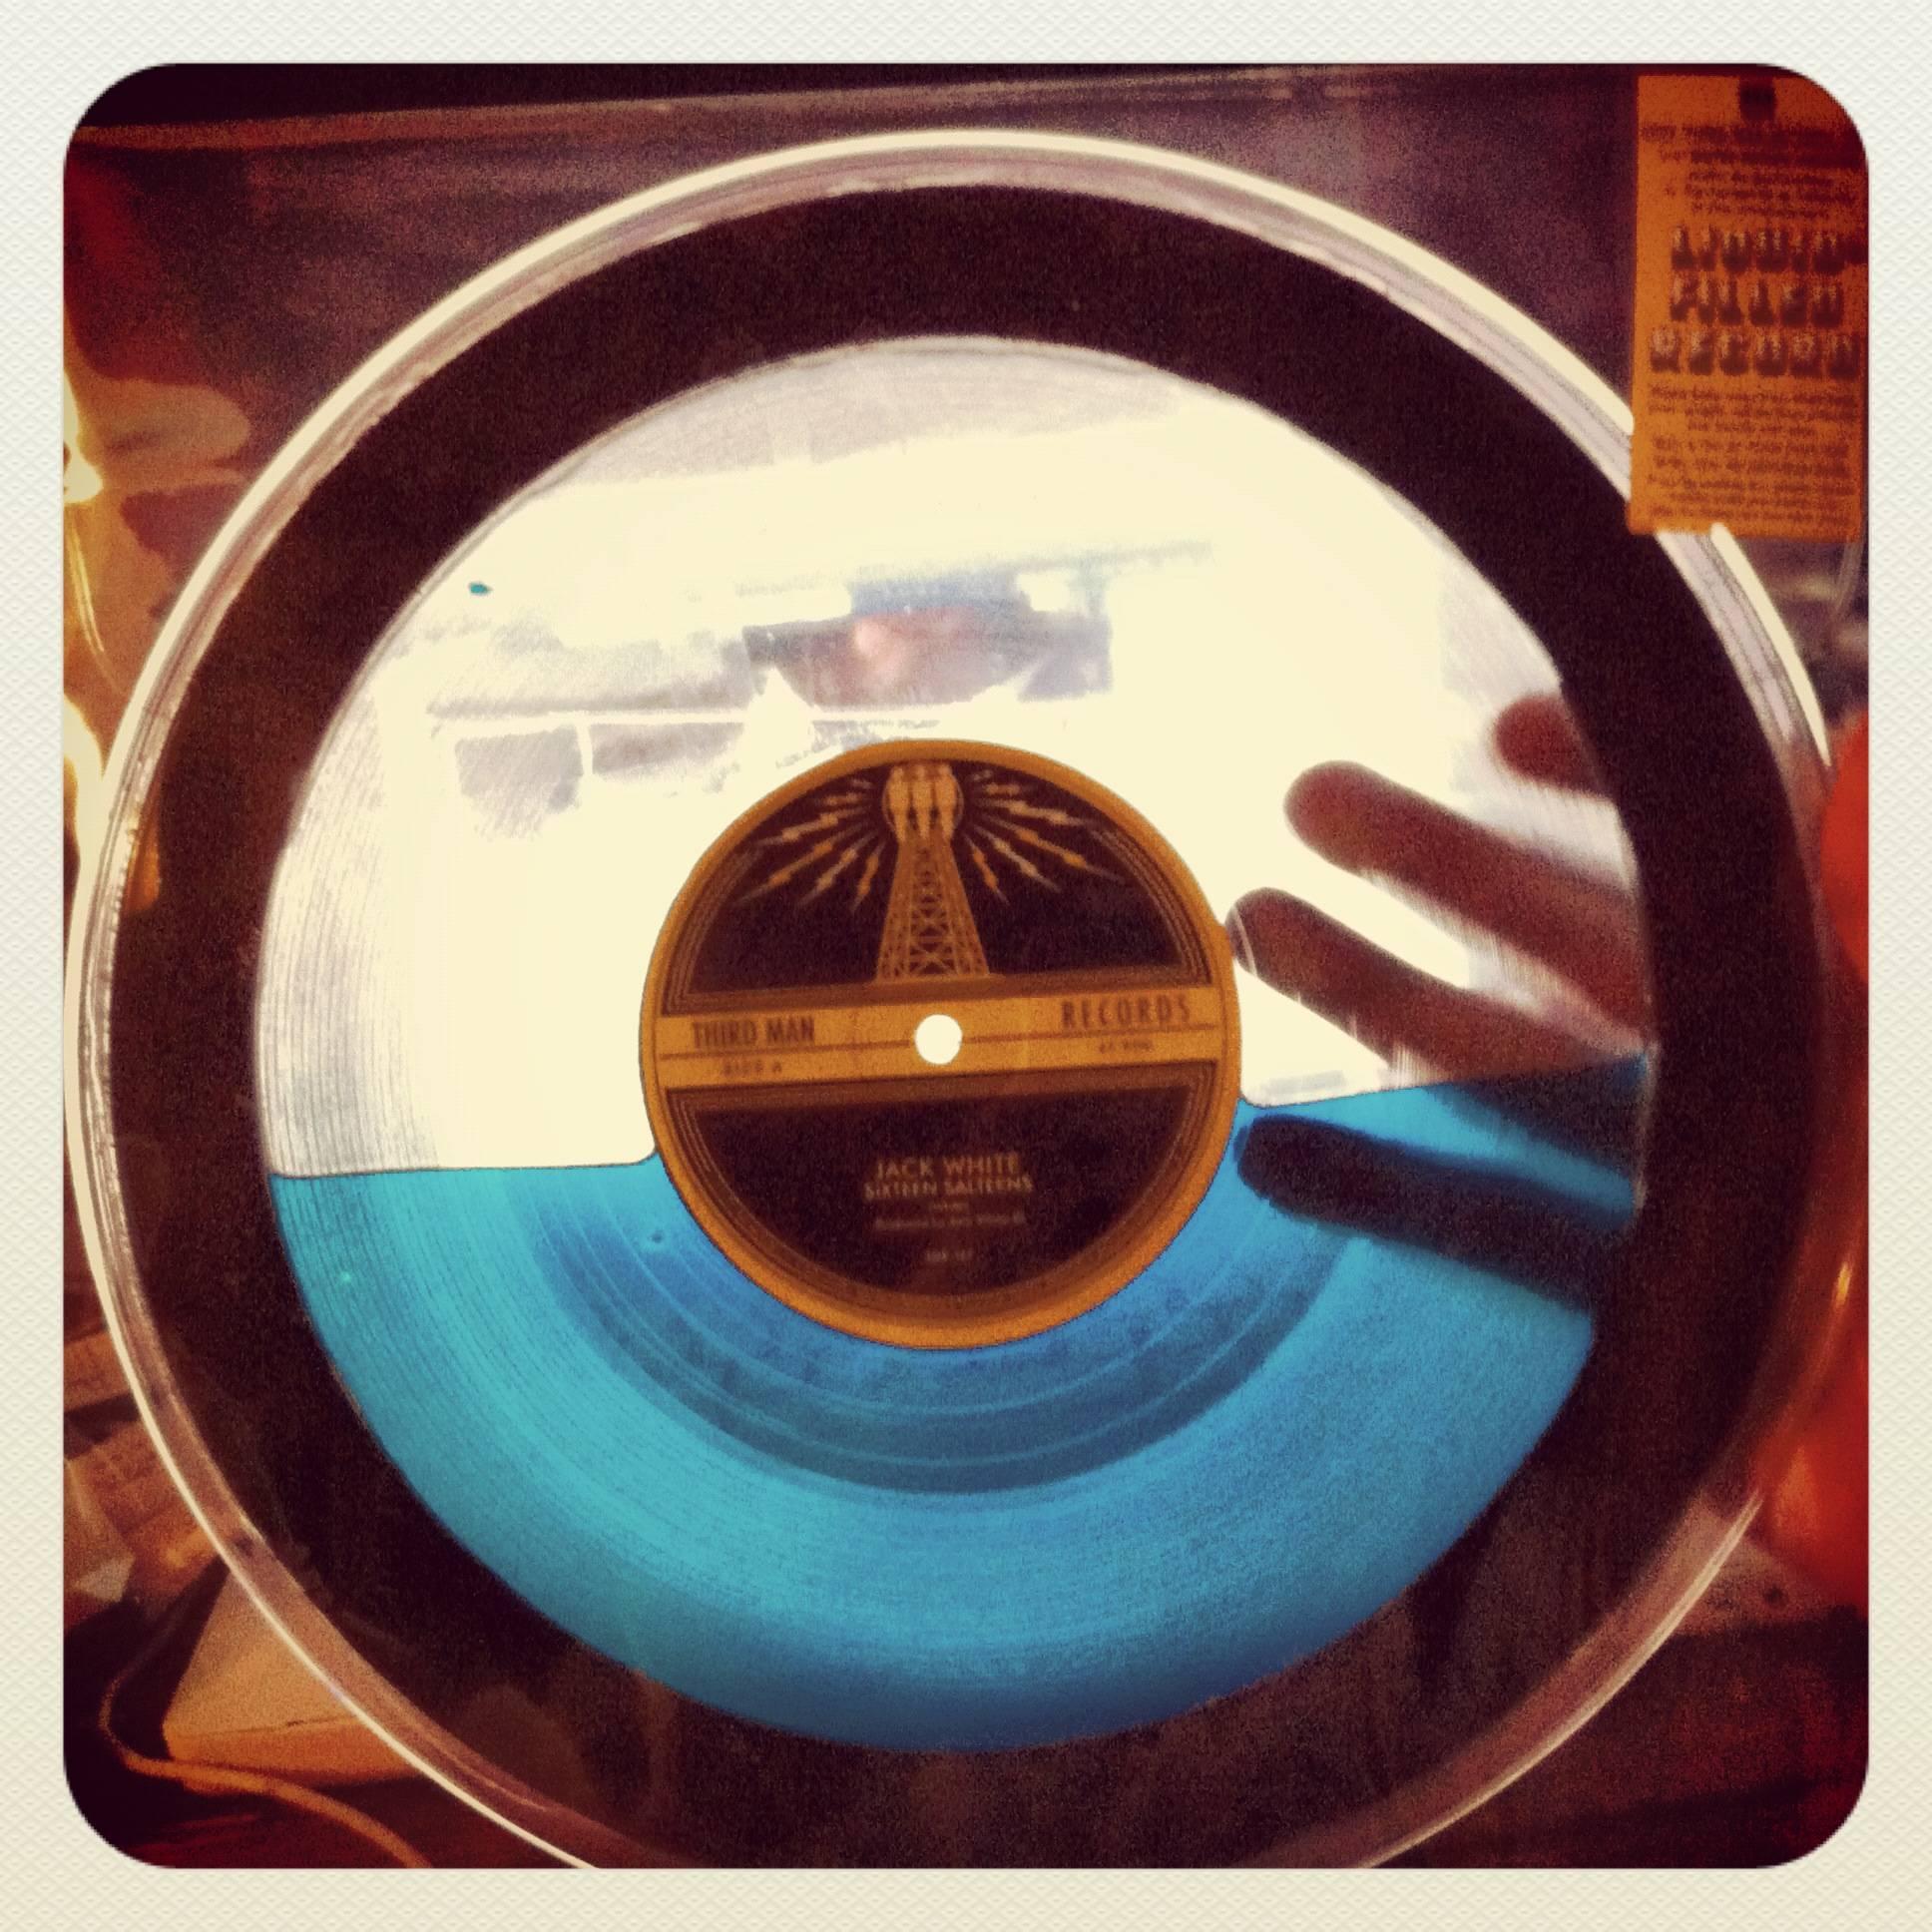 Sixteen Saltines, par Jack White chez Third Mand Records. Et en plus, le disque est excellent…